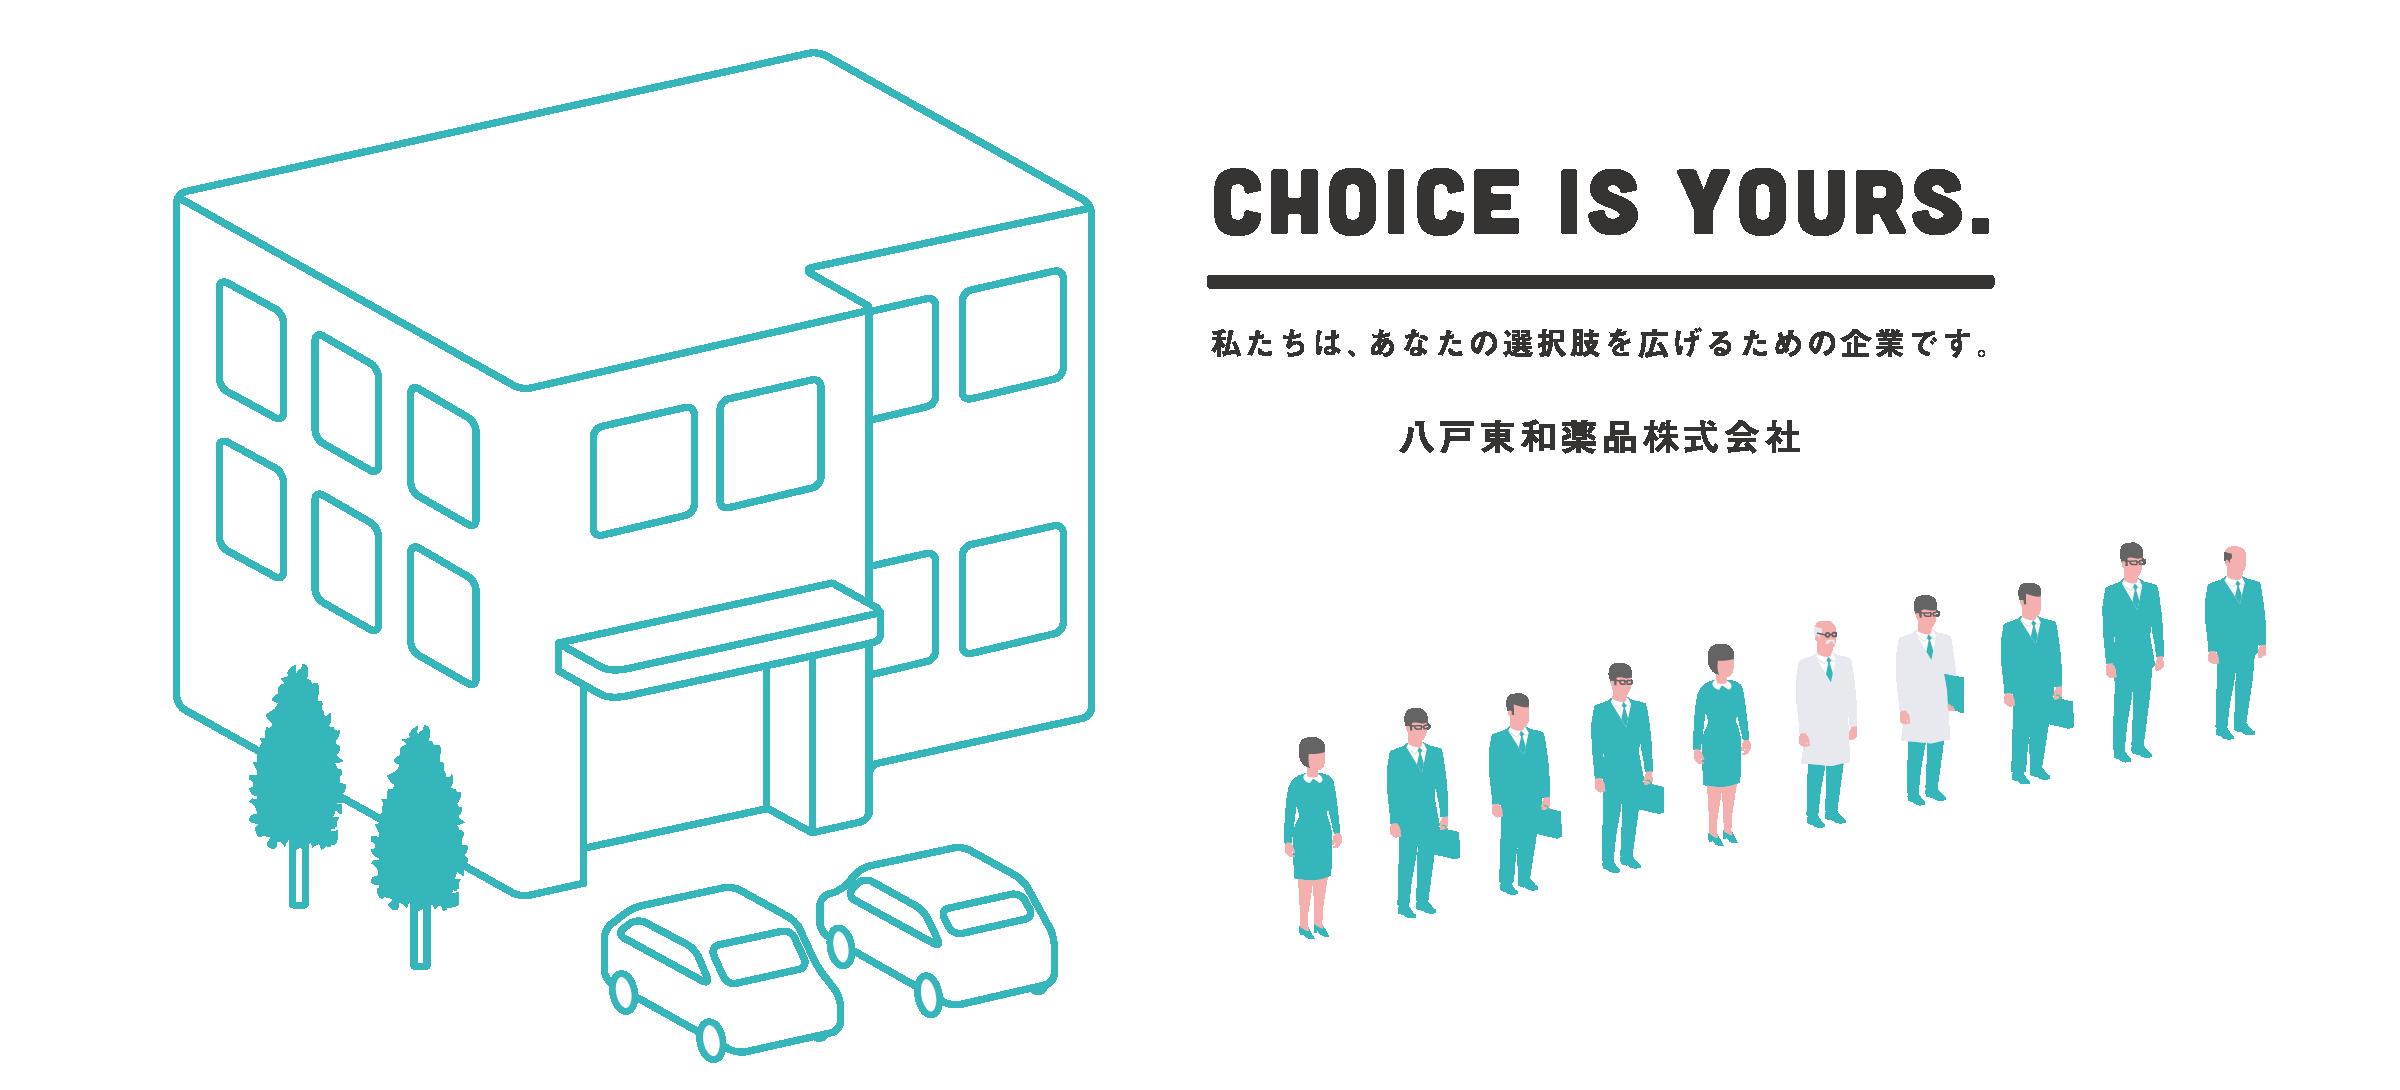 私たちは、あなたの選択肢を広げるための企業です。八戸東和薬品株式会社